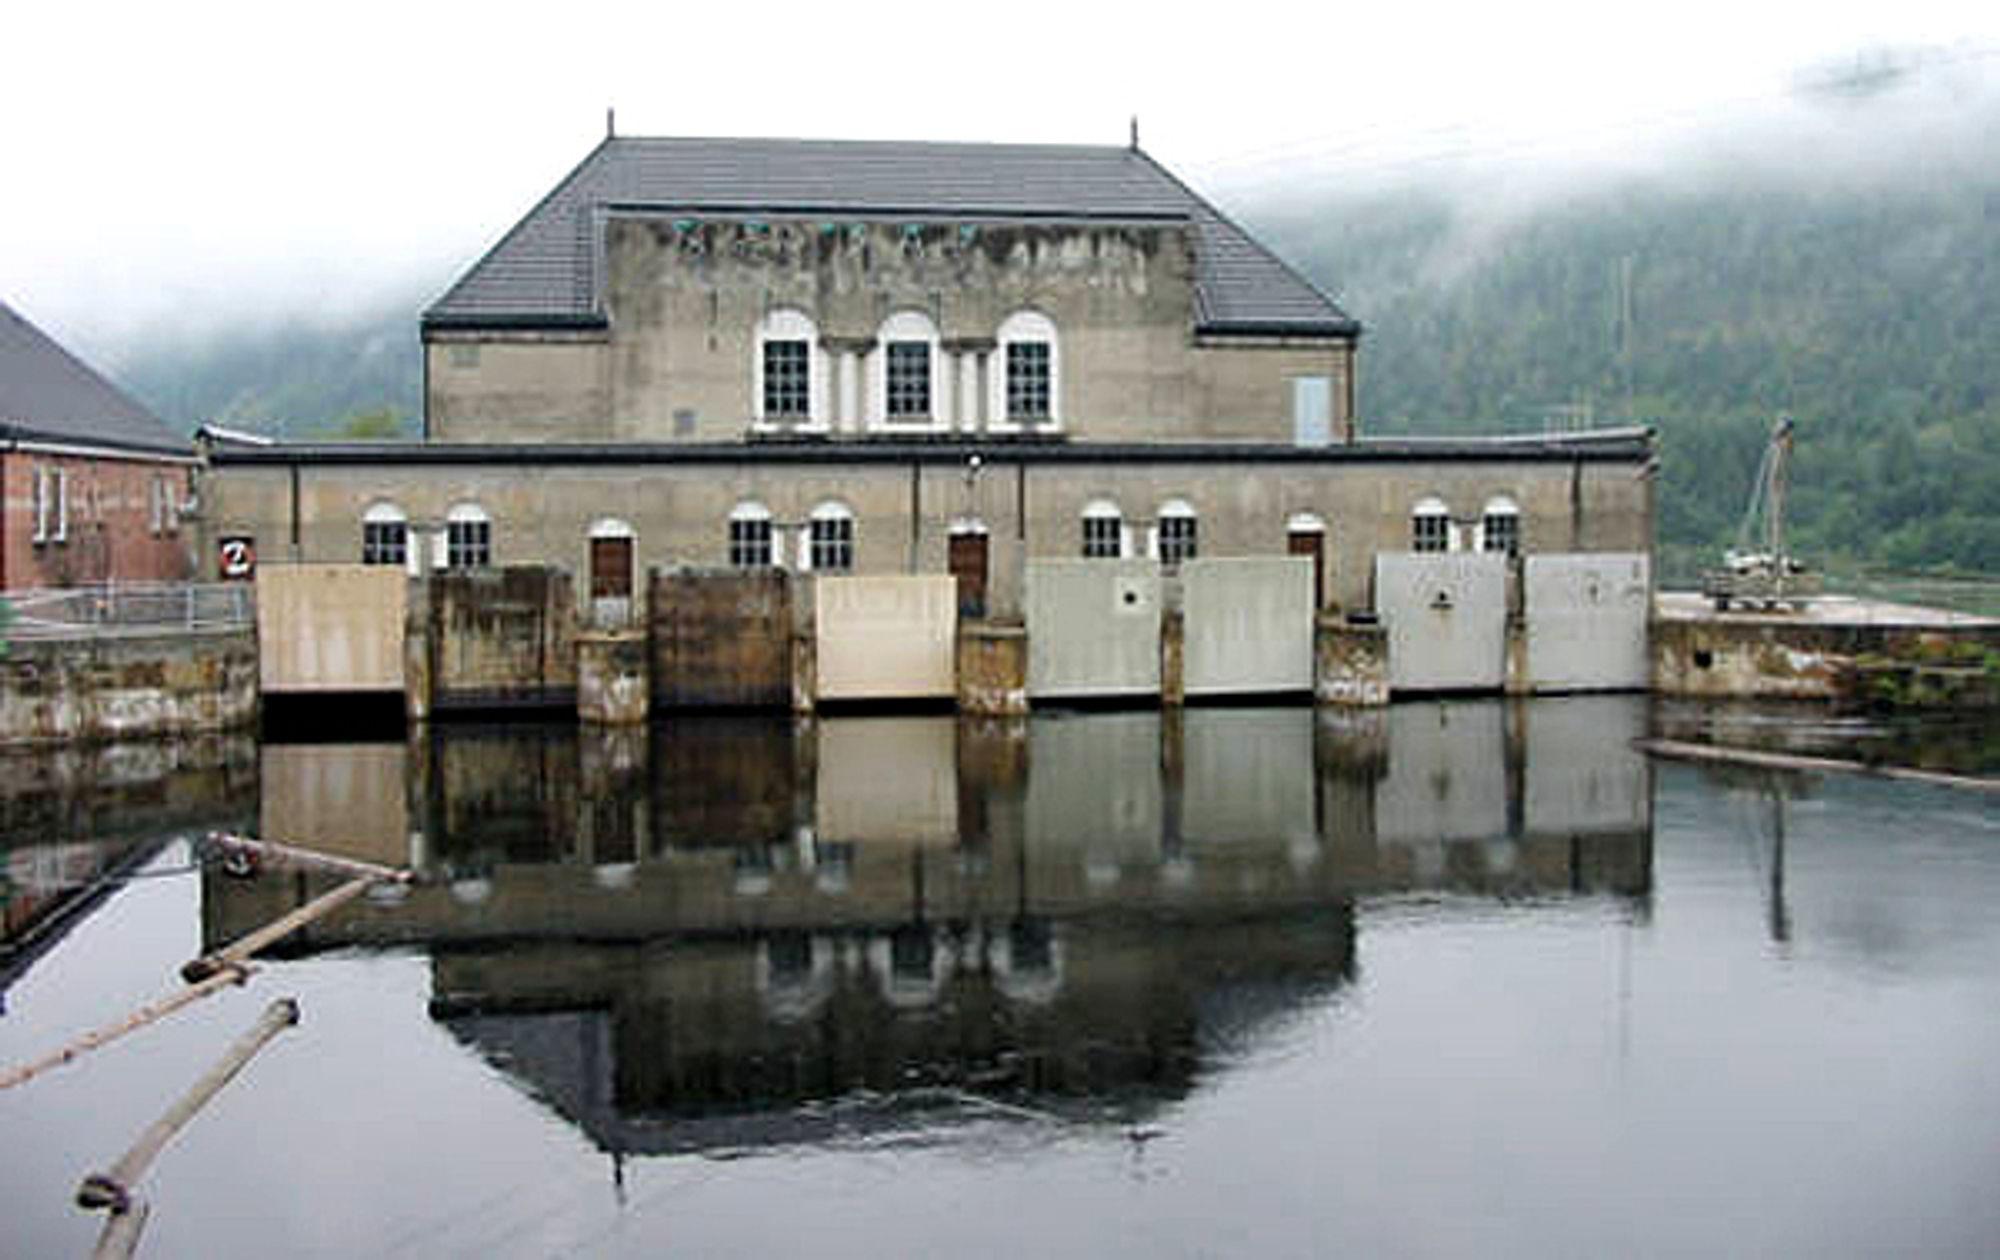 Vittingfoss kraftverk fra rundt 1921 skulle etter planen rustes opp og øke kapasiteten med 20 prosent. Nå er prosjektet stoppet.